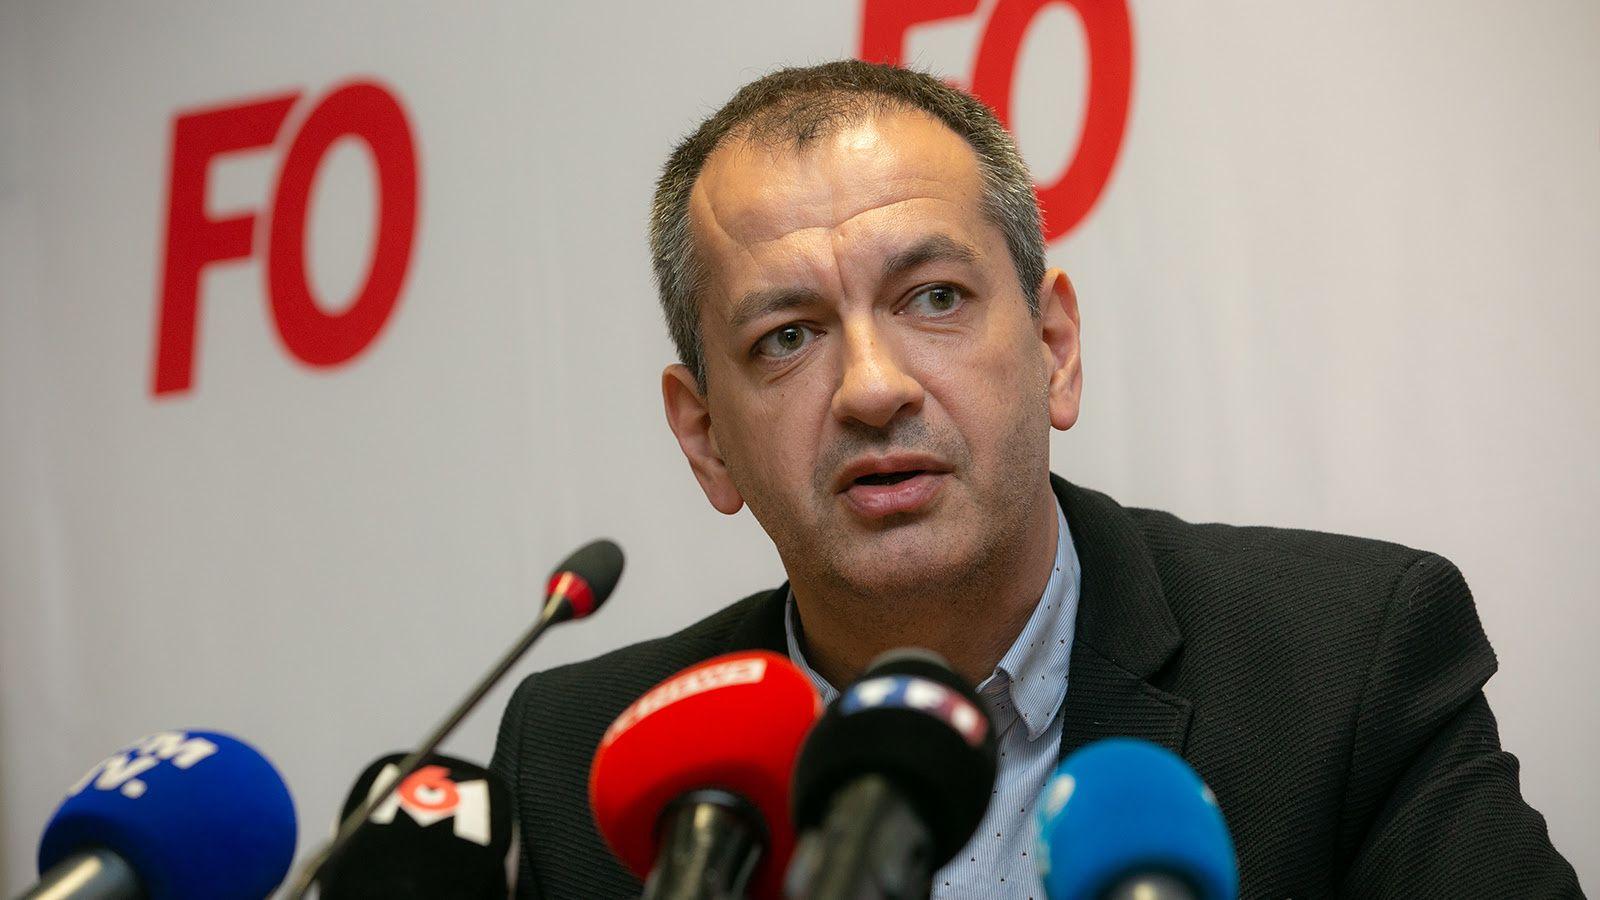 Éditorial de Pascal Pavageau, Secrétaire général de Force Ouvrière